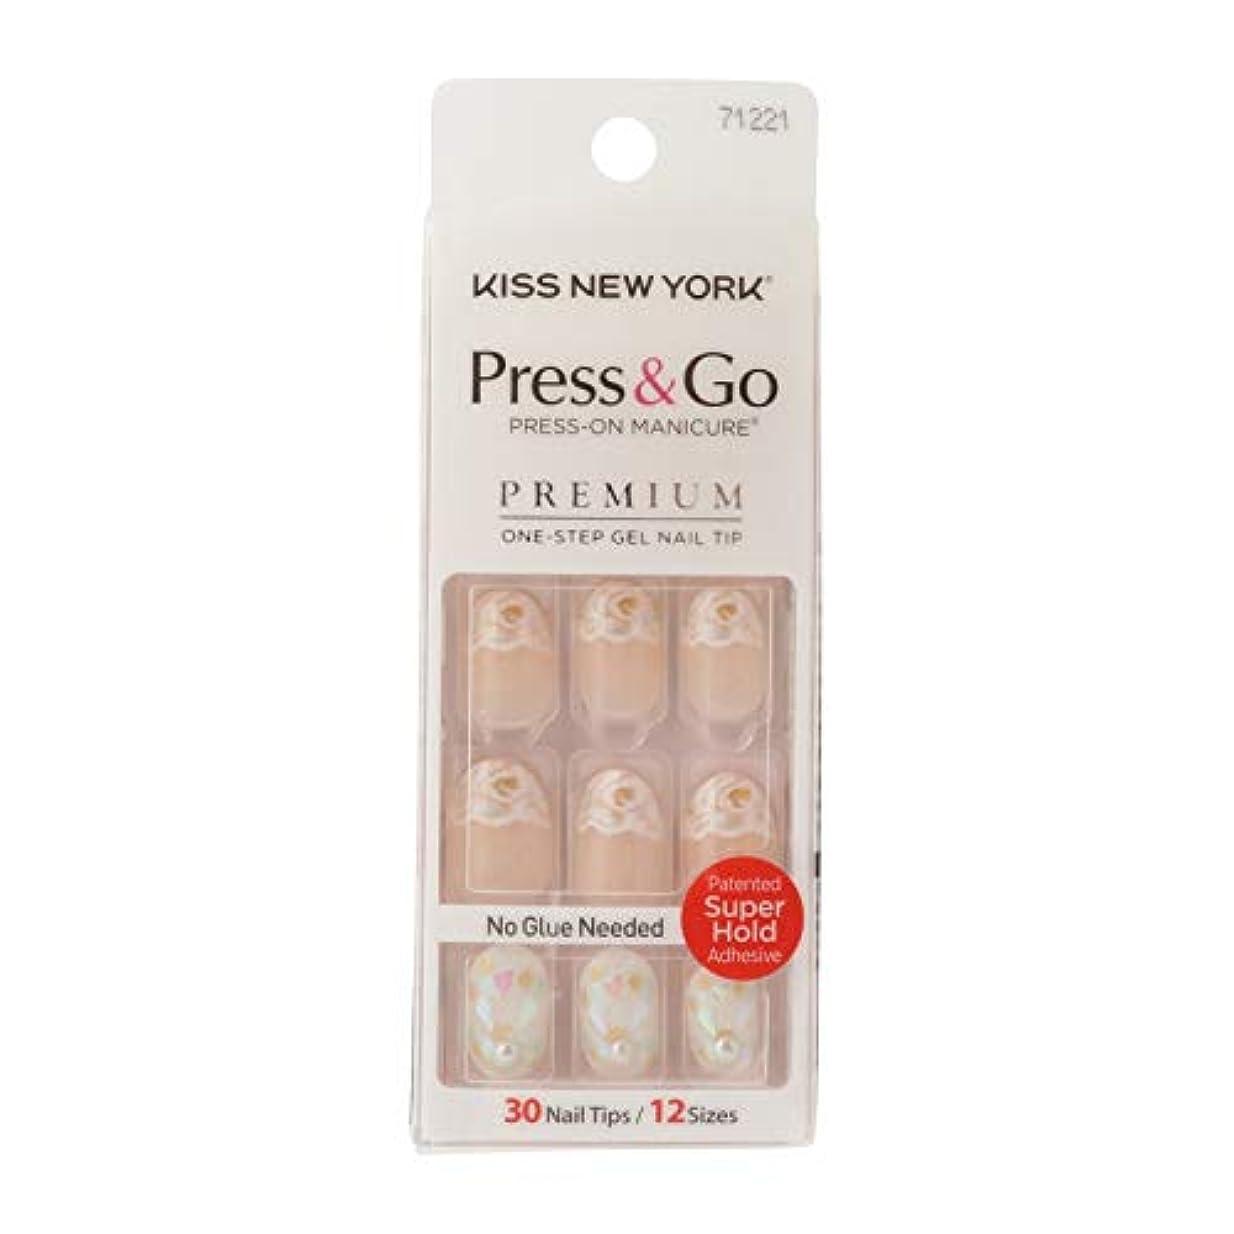 締めるドナー許可キスニューヨーク (KISS NEW YORK) KISS NEWYORK ネイルチップPress&Go BHJ31J 19g